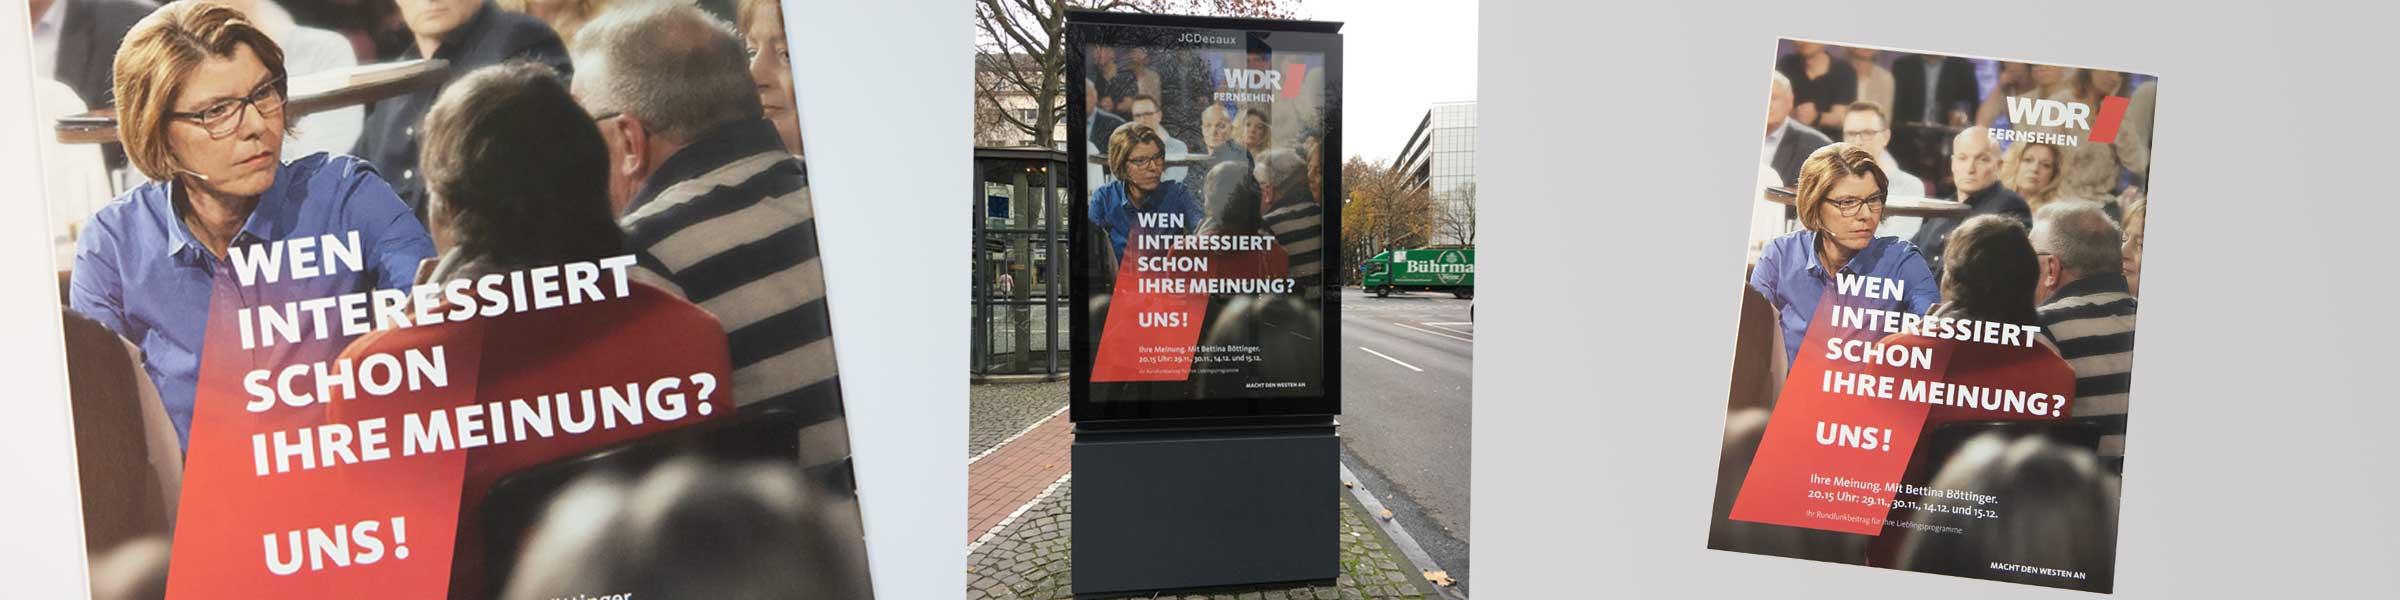 Werbekampagne für WDR Fernsehen von Designbüro